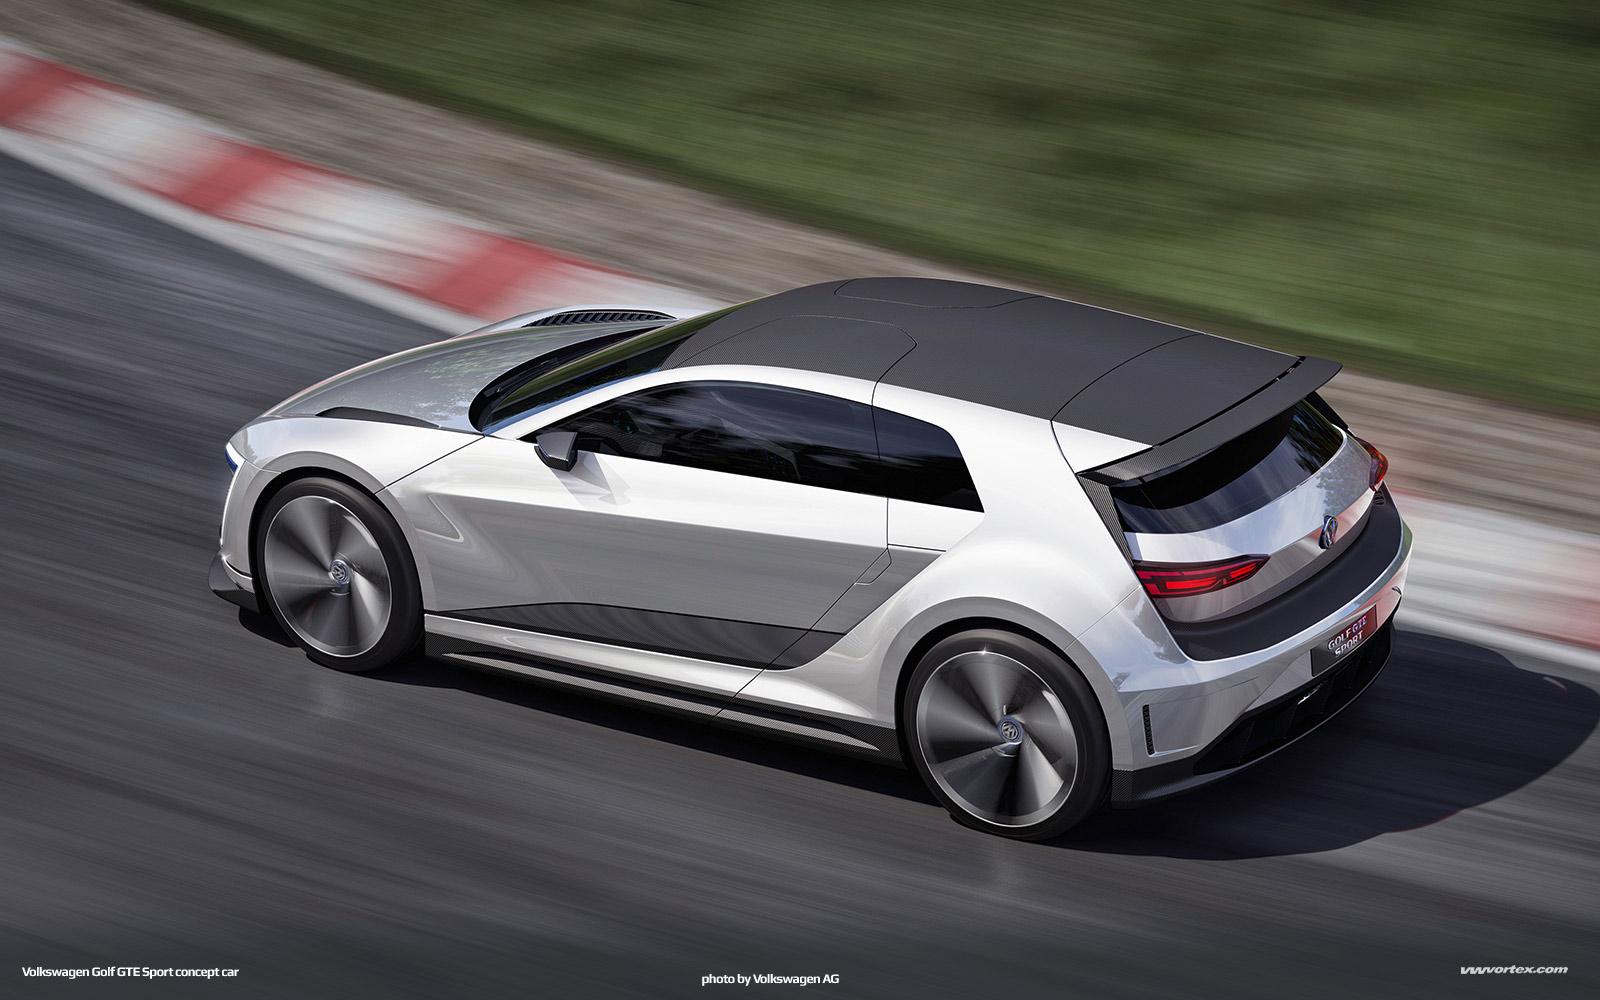 Volkswagen-Golf-GTE-Sport-concept-920